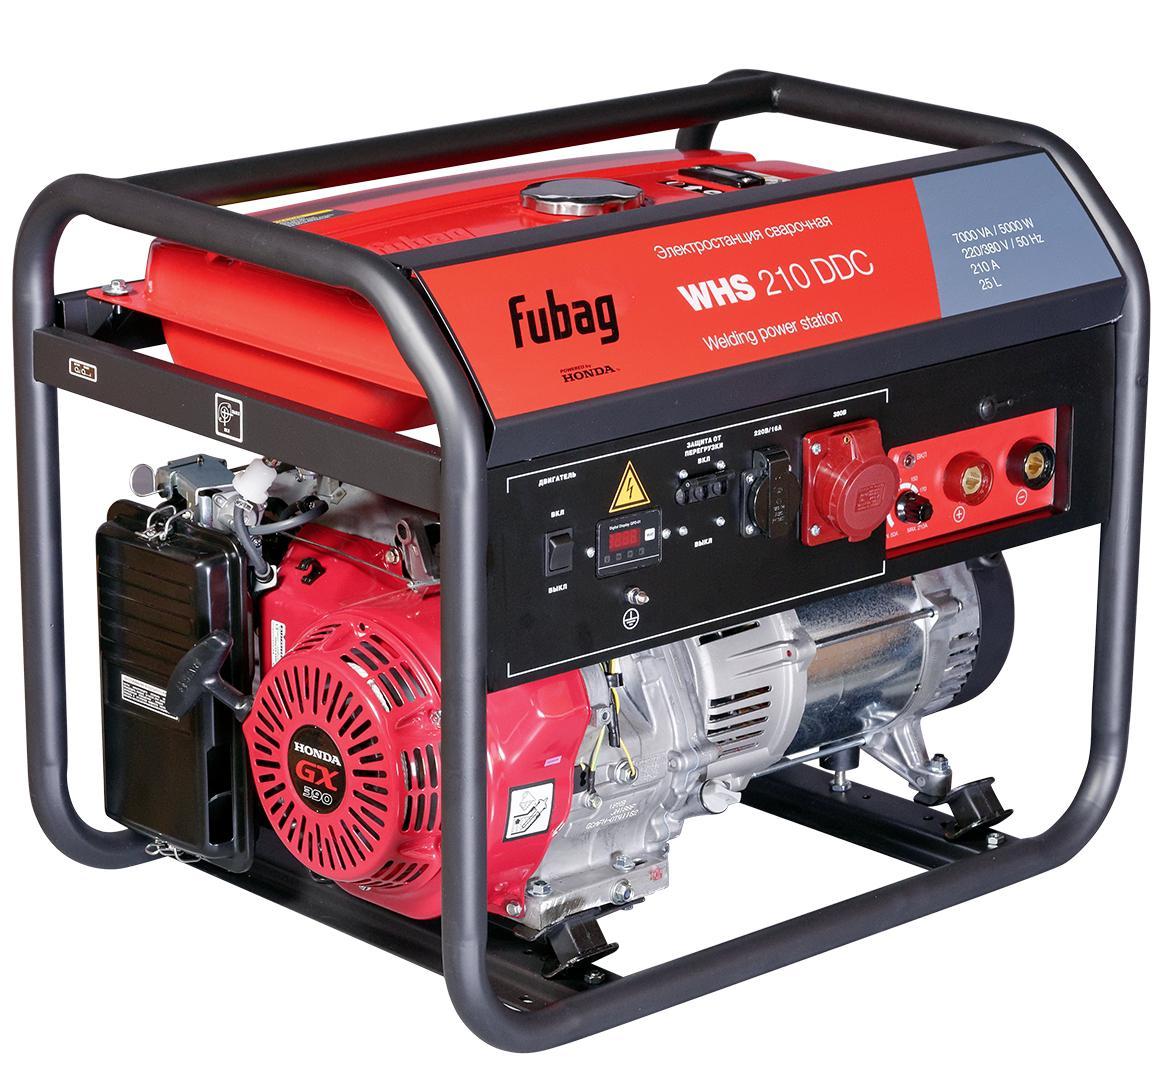 Бензиновый генератор Fubag Whs 210 ddc cкобы fubag 1 05х1 25мм 5 7х22 0 5000шт 140131